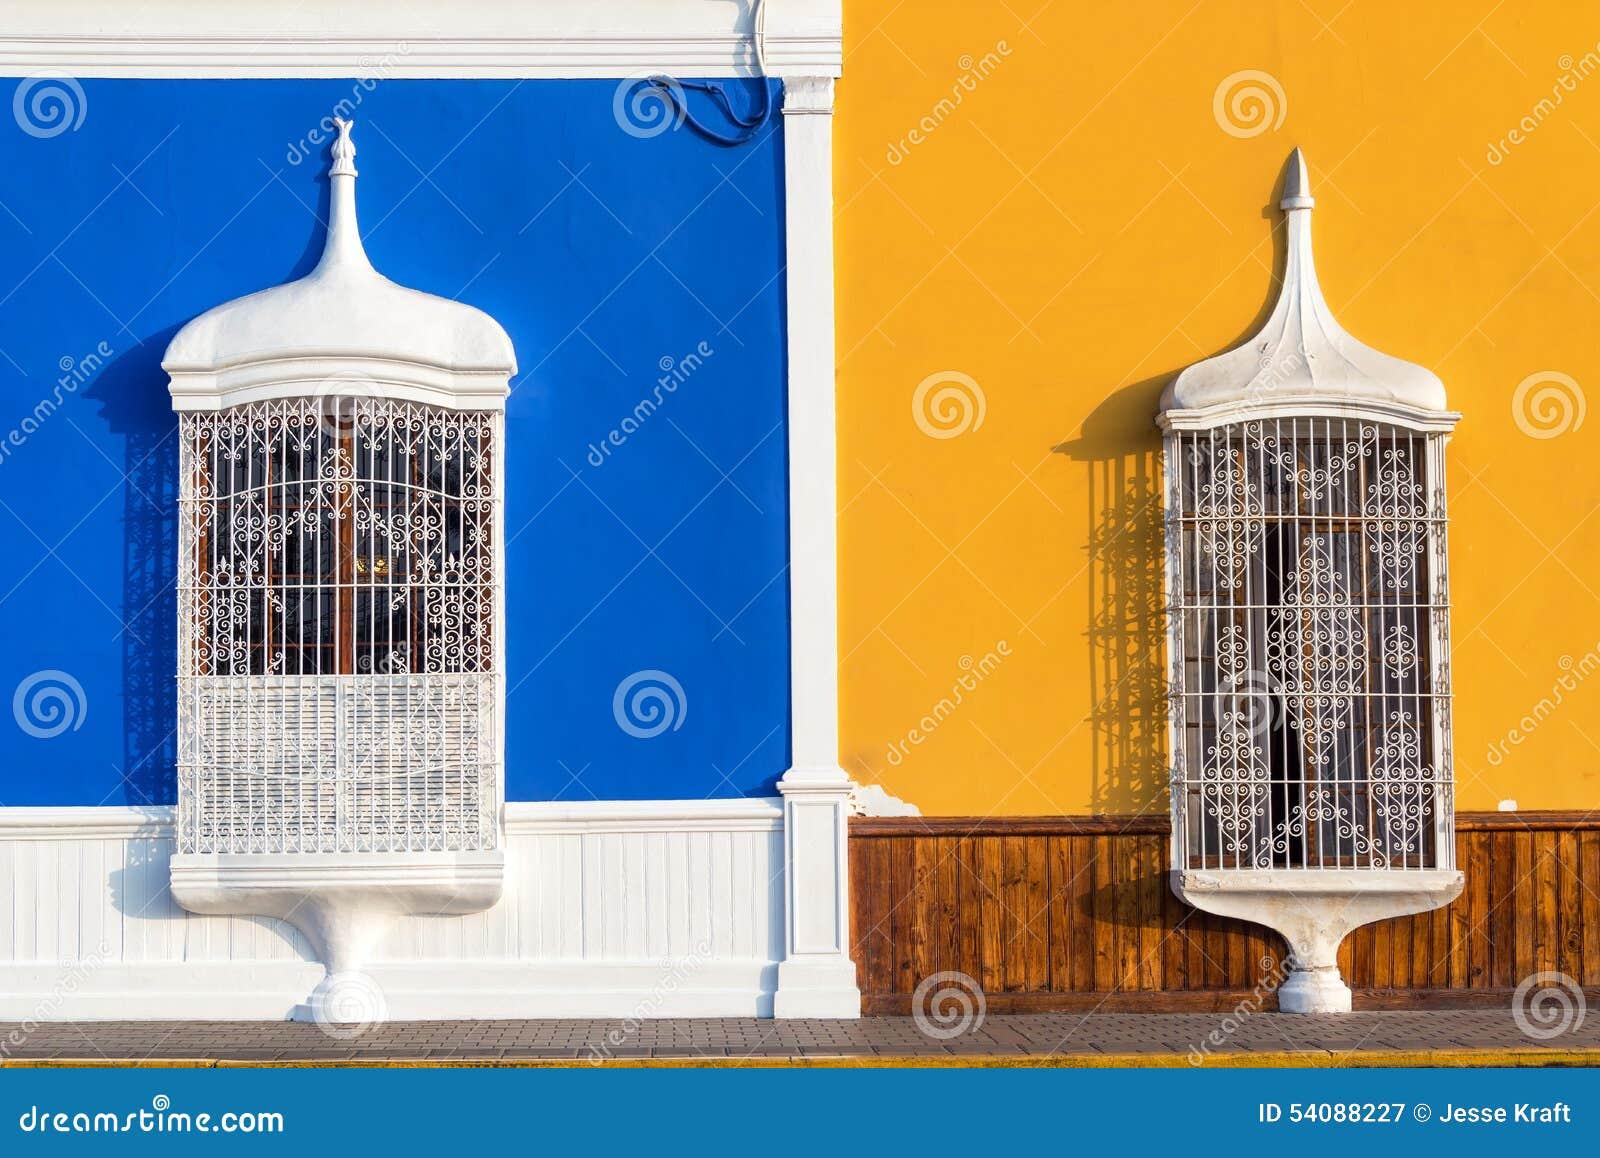 Blauwe en Gele Architectuur in Trujillo